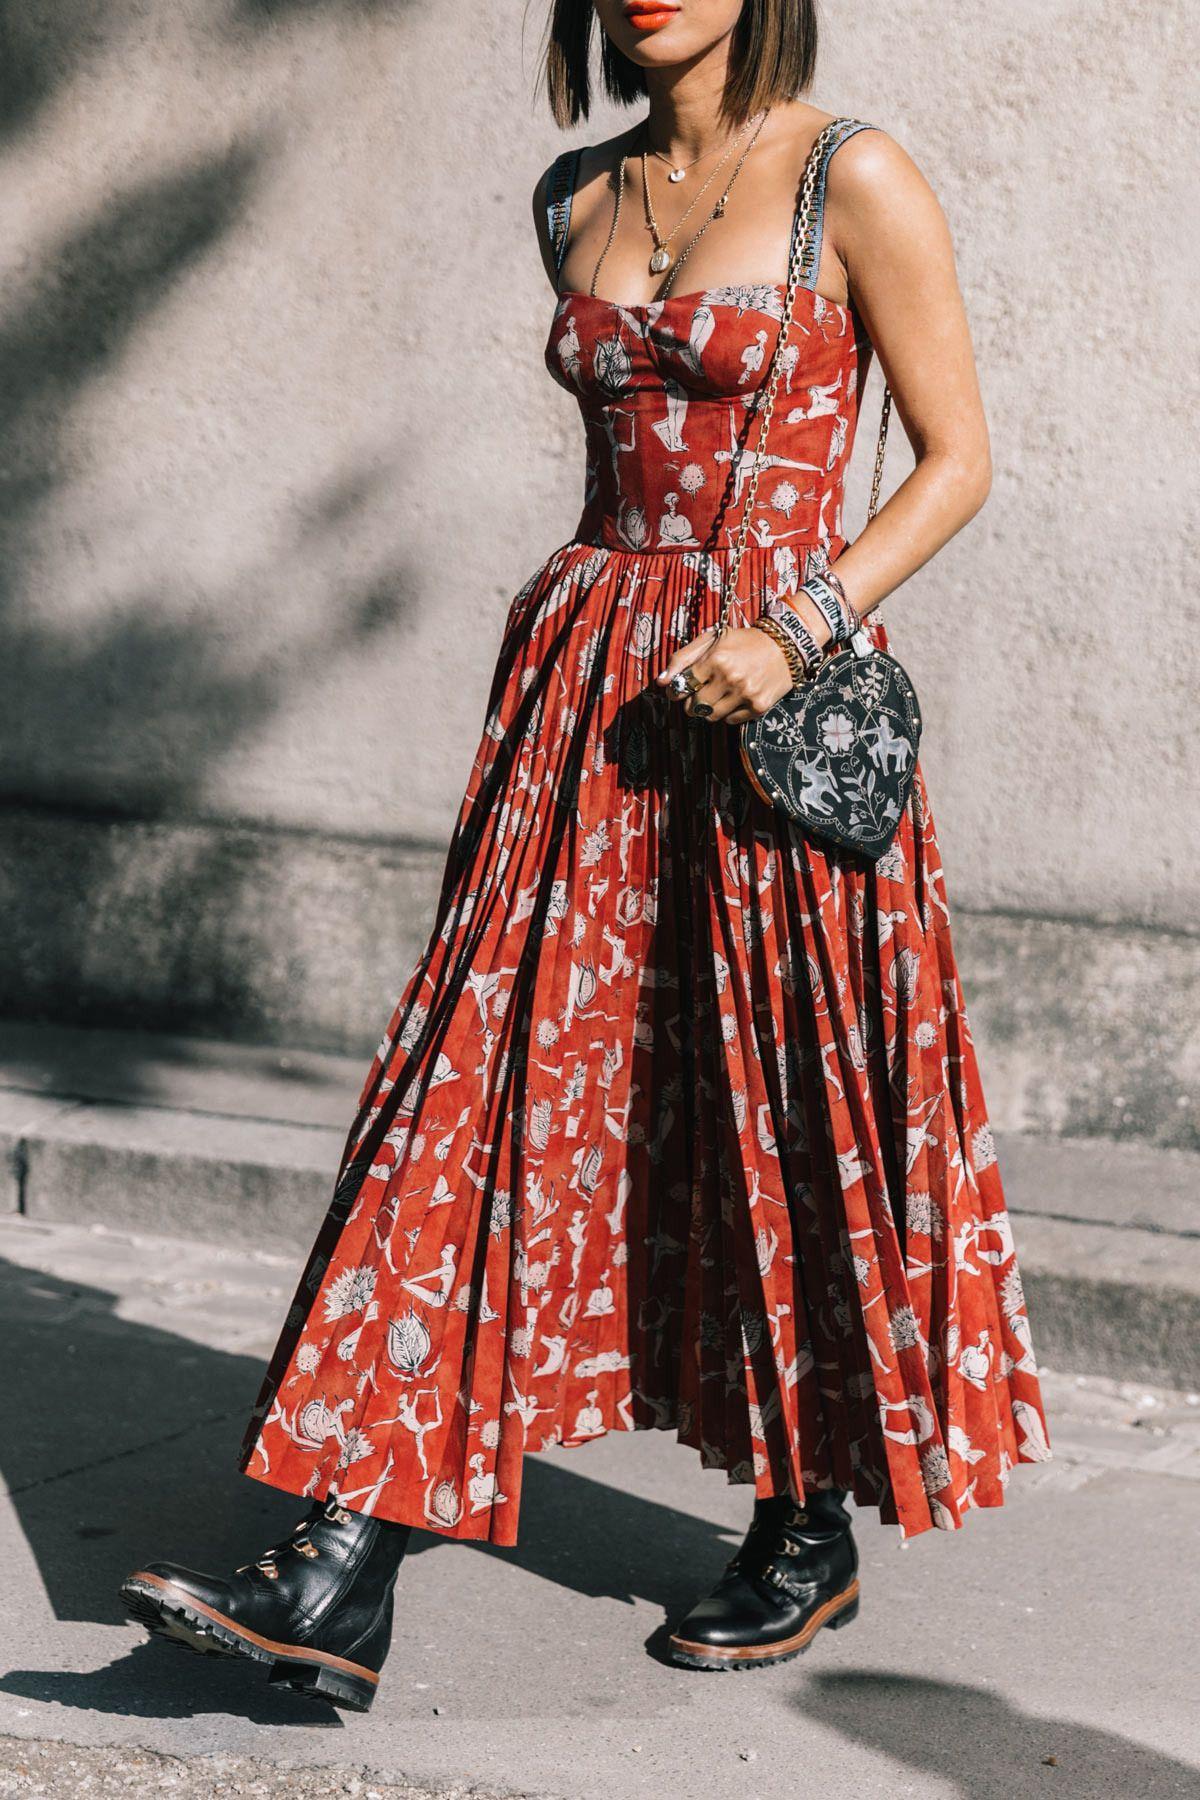 I Chanel Photo Ropa De Estilo Hippie Ropa Estilo Bohemio Moda